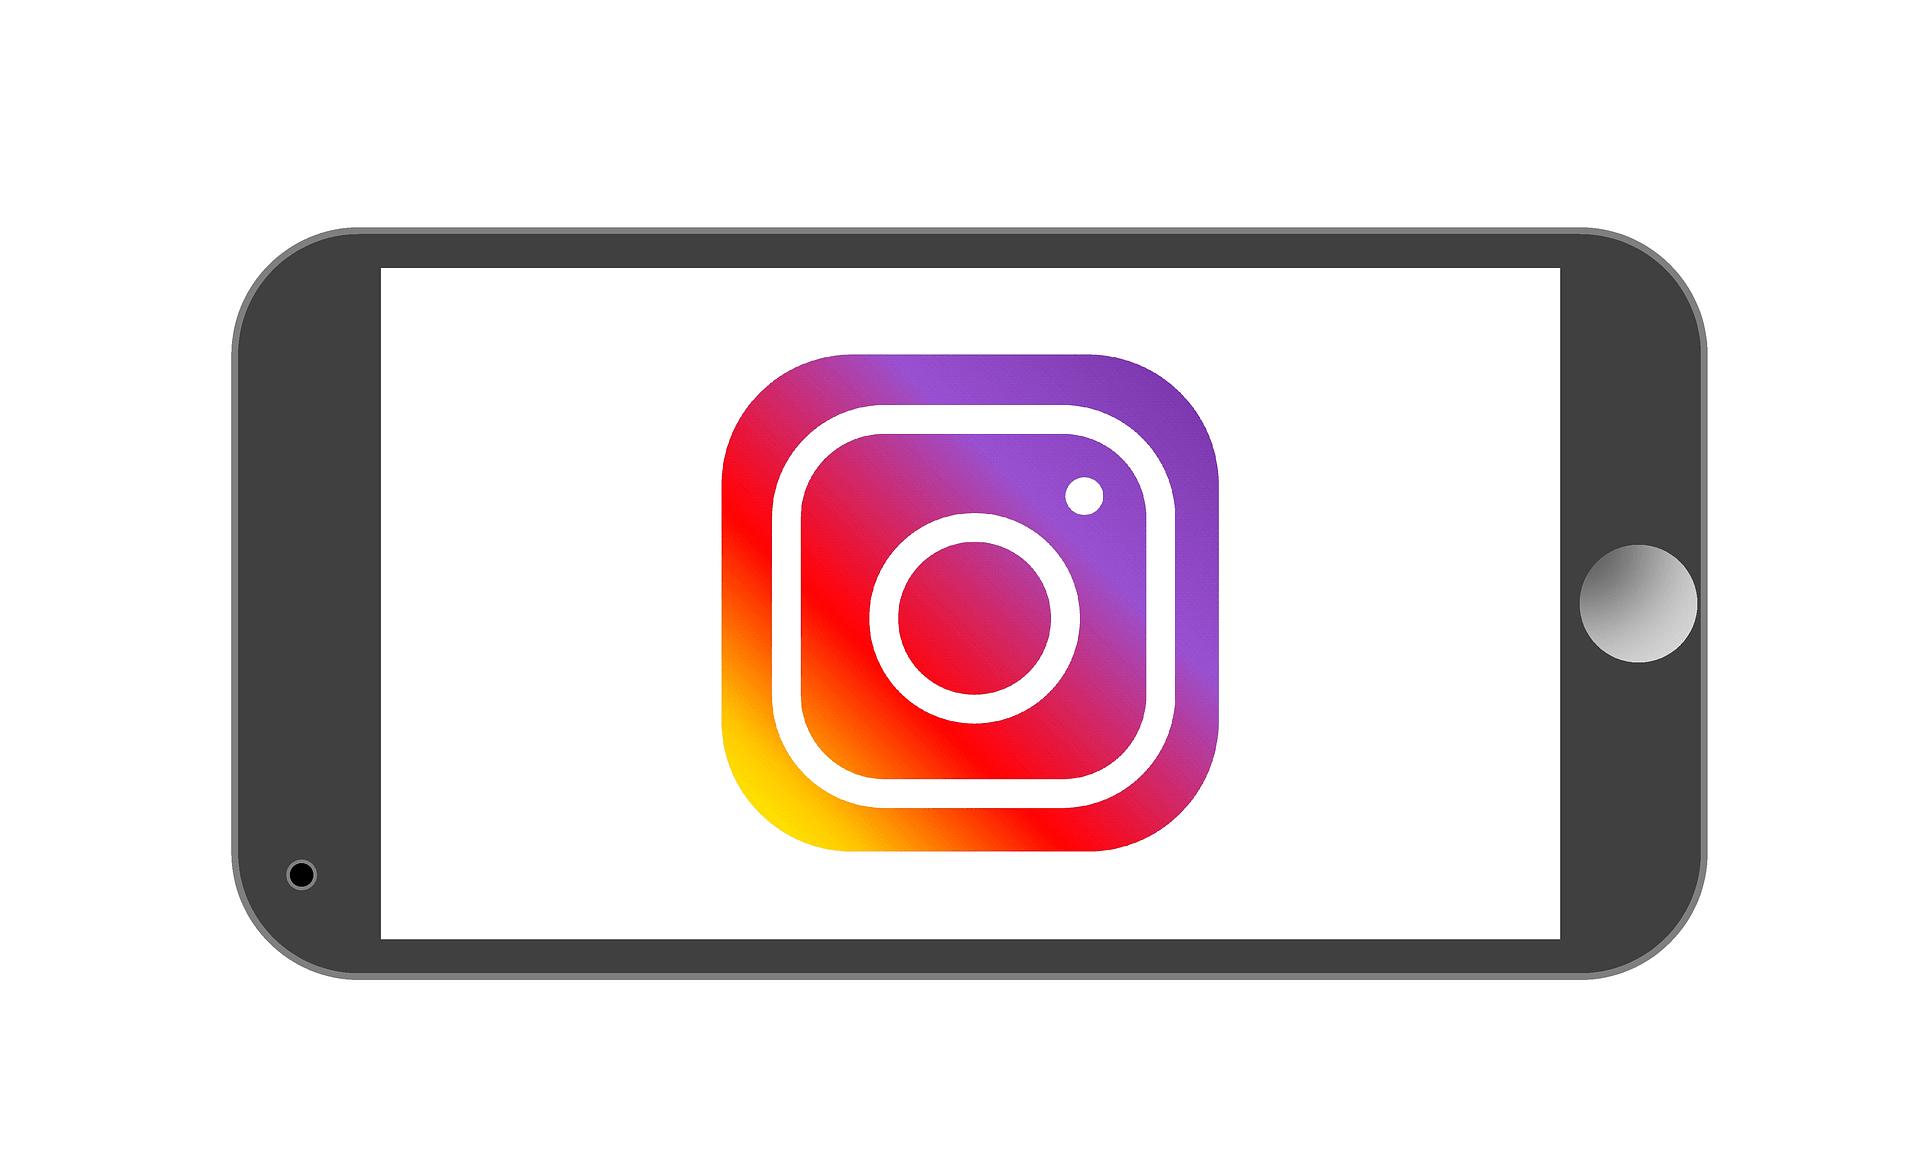 Erklärung der Social-Media-App Instagram